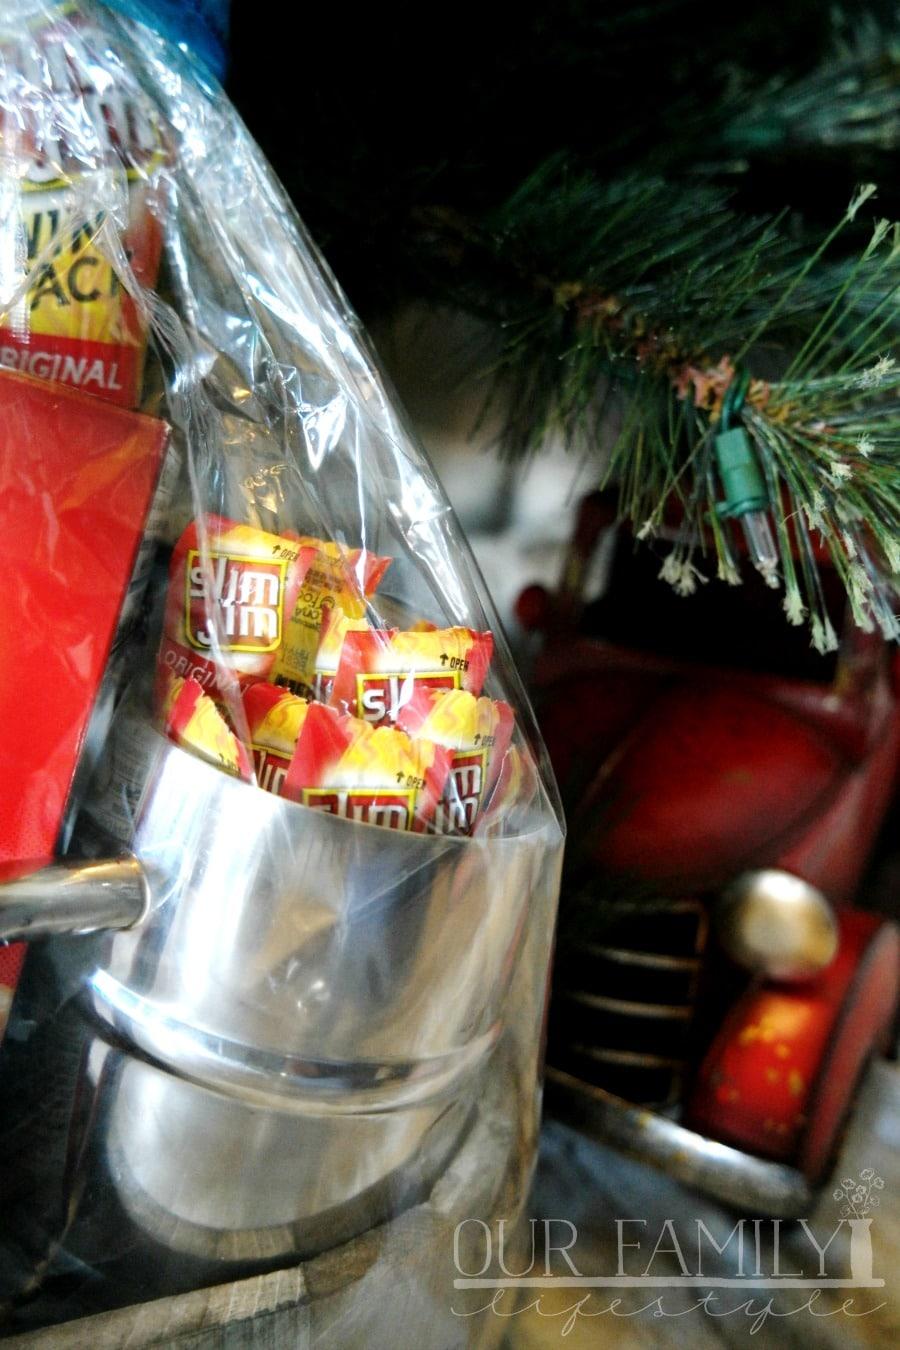 Slim Jim snack sticks stocking